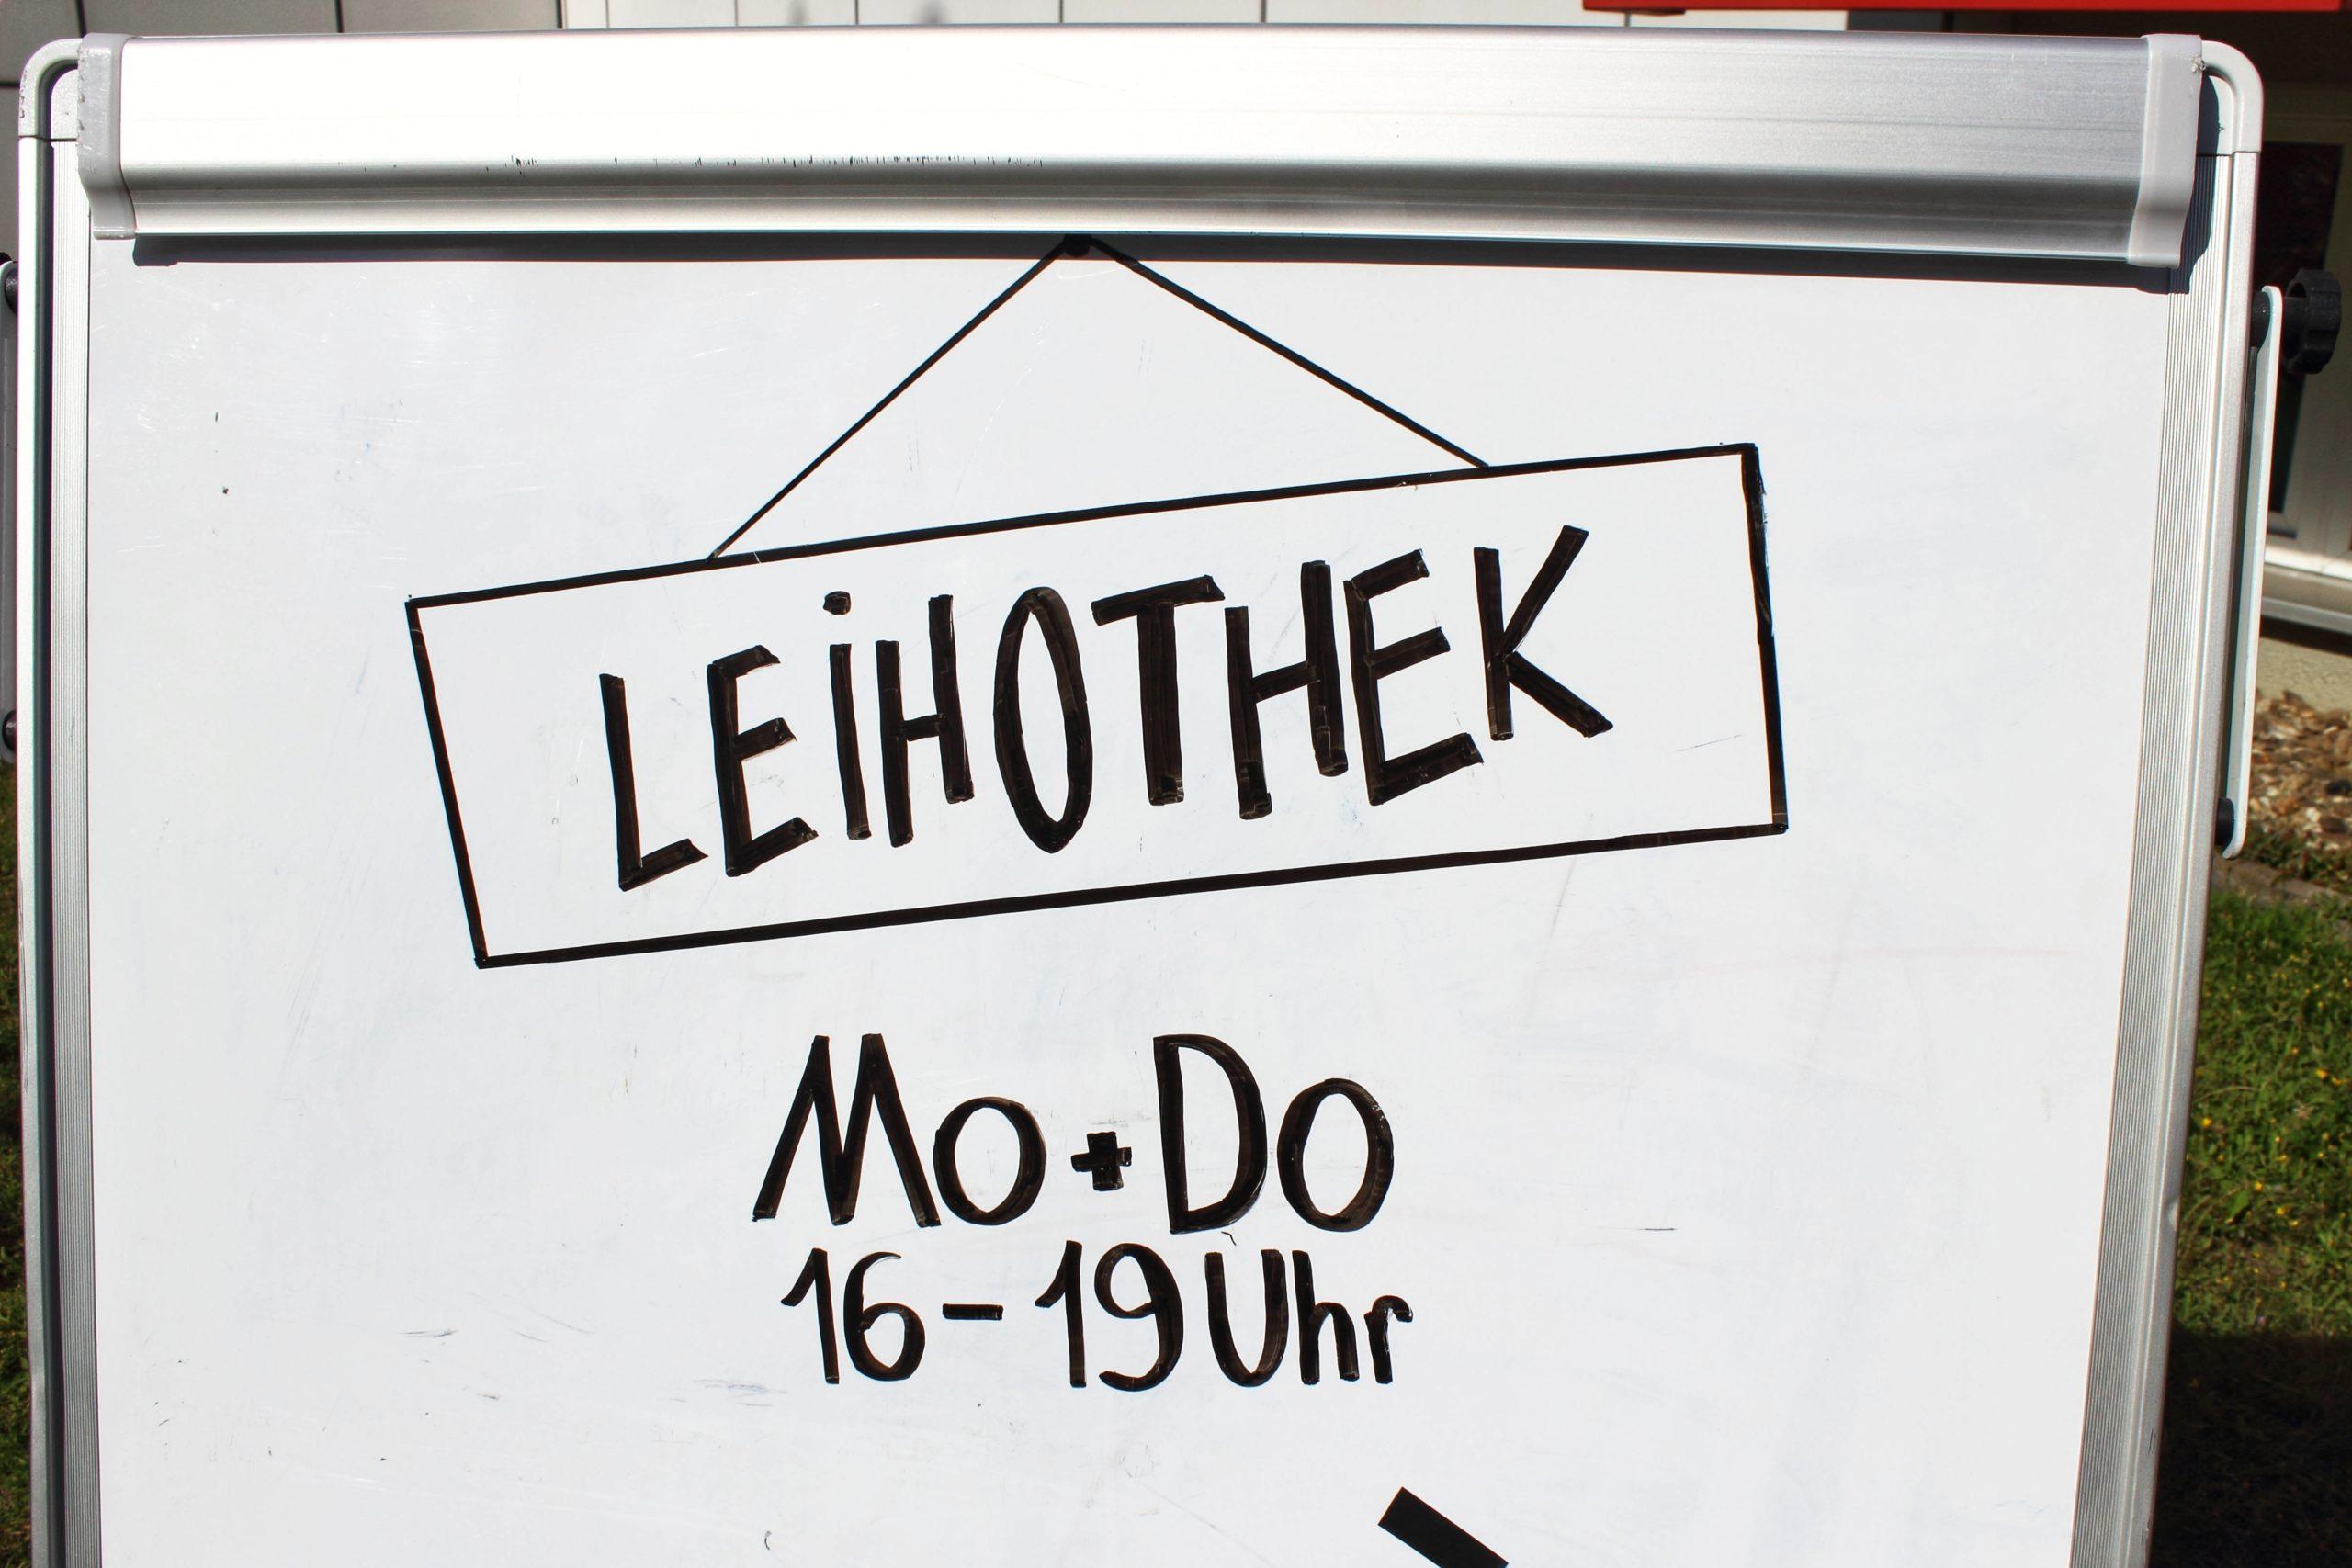 Leihothek Münster Öffnungszeiten-01